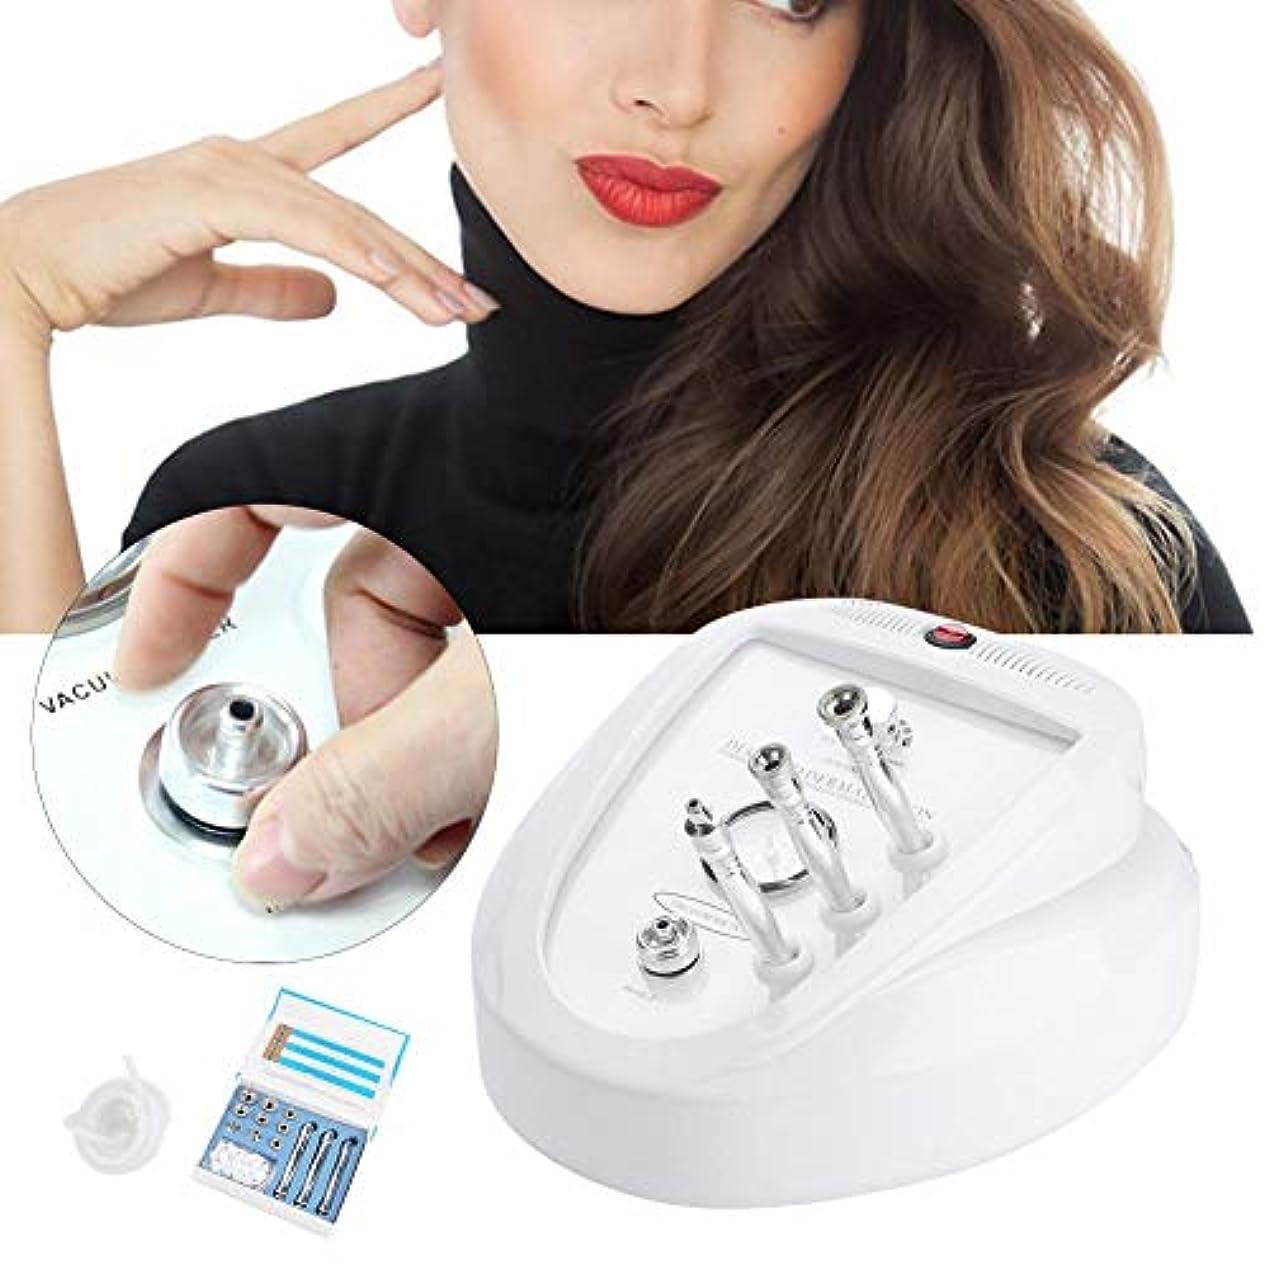 シングルせせらぎ振り返る3 in 1ダイヤモンド皮膚剥離機、肌の若返り装置、フェイスリフティングマイクロマッサージエクスフォリエーター用プロのサロン&家庭用ディープクレンジングホワイトニングスキンピーリングシワ削除